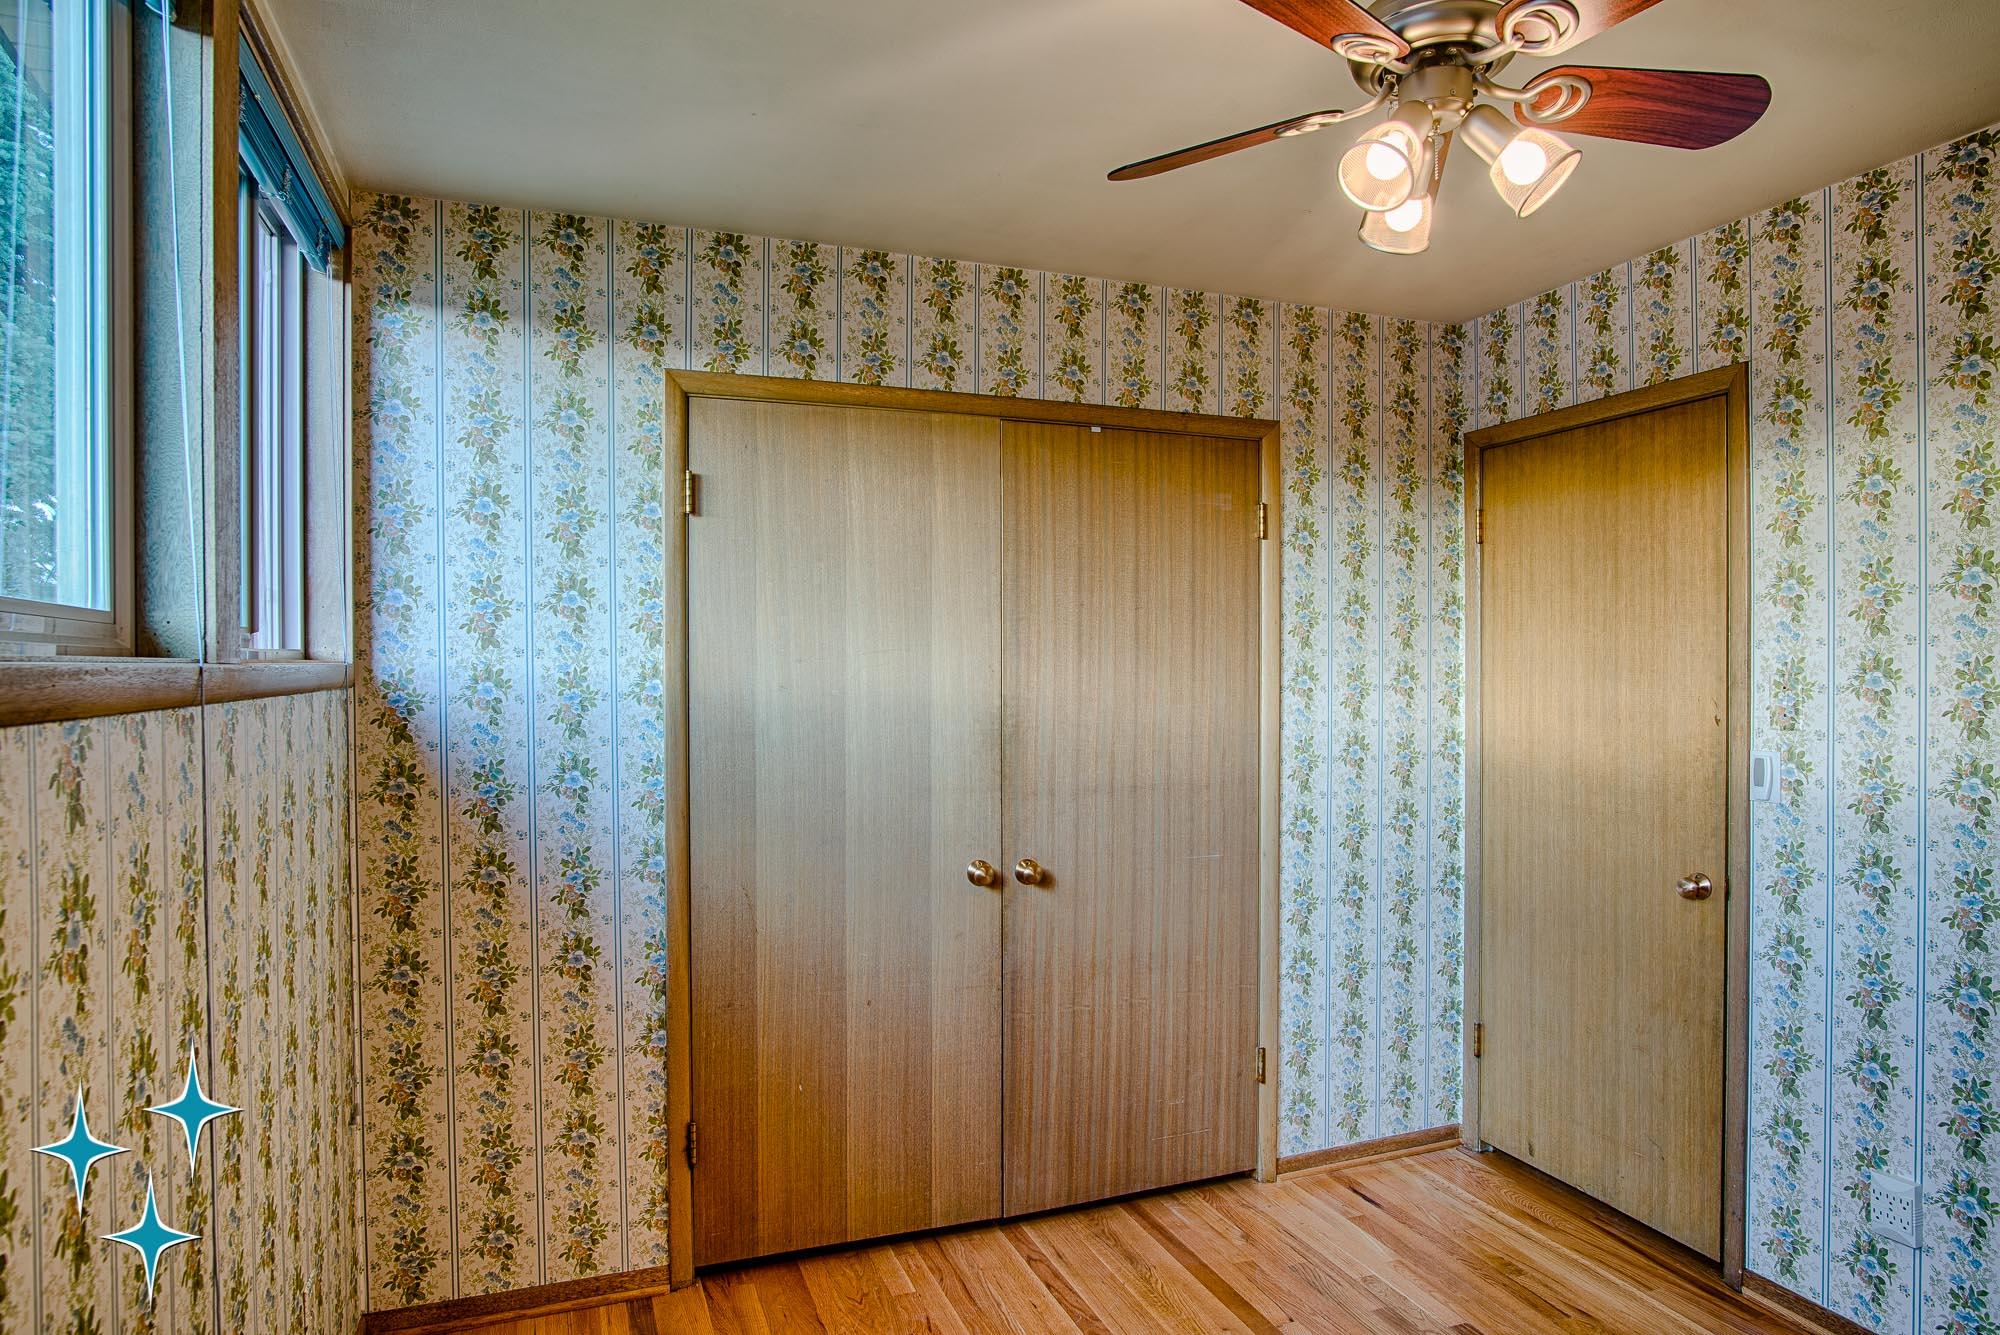 Adrian-Kinney-4155-W-Iliff-Avenue-Denver-r-Carey-Holiday-Home-2000w50-3SWM-23.jpg